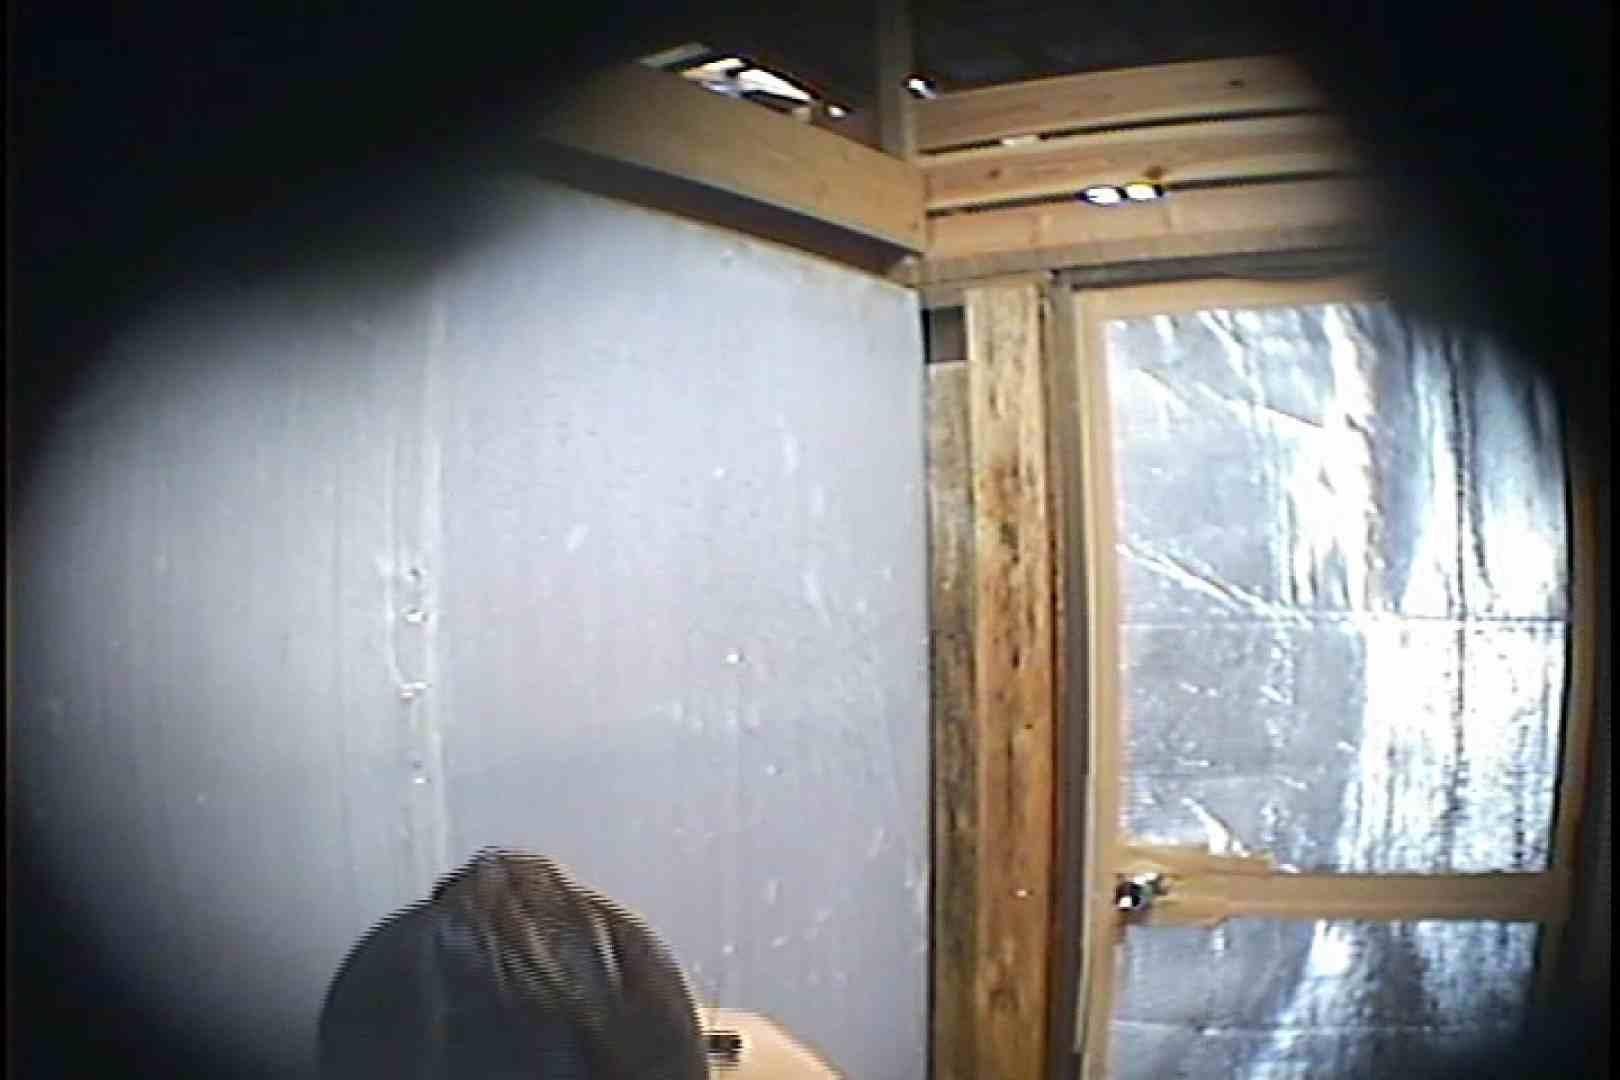 海の家の更衣室 Vol.45 OLの実態 盗撮われめAV動画紹介 90pic 71